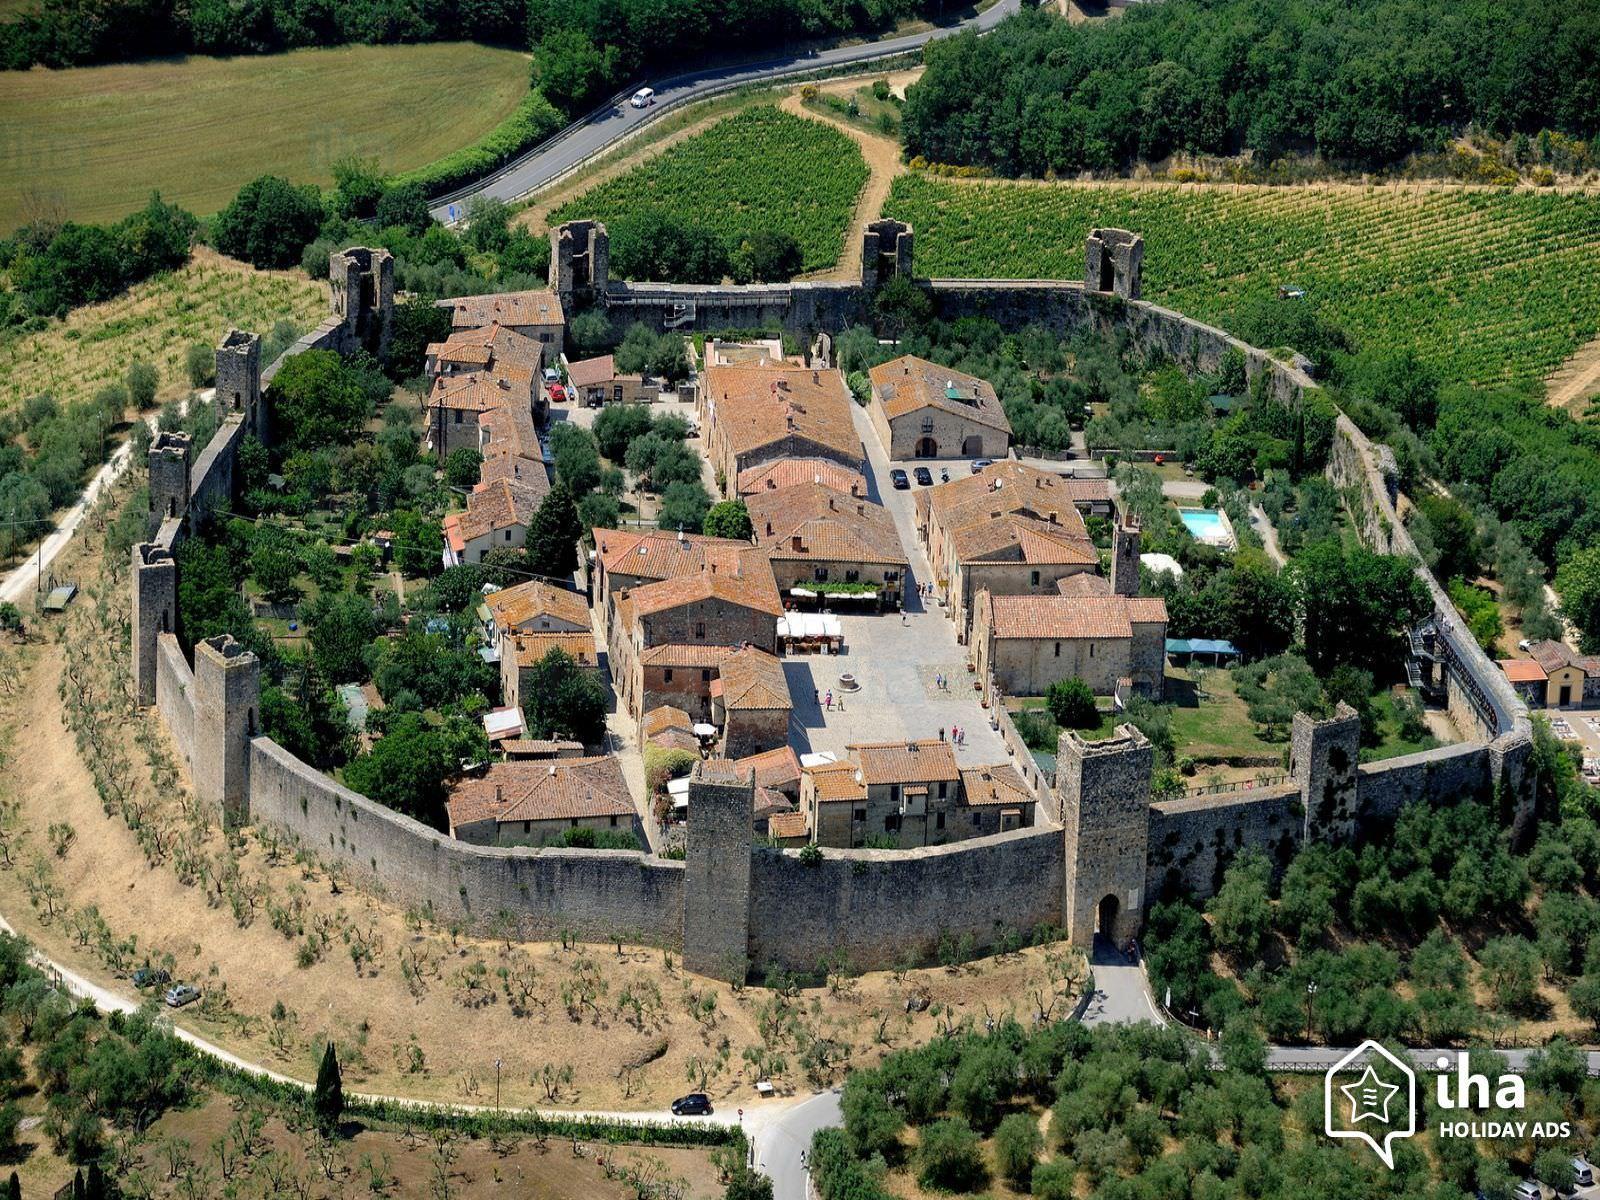 義大利 | 托斯卡尼租車自駕推薦行程.中古世紀小鎮Monteriggioni